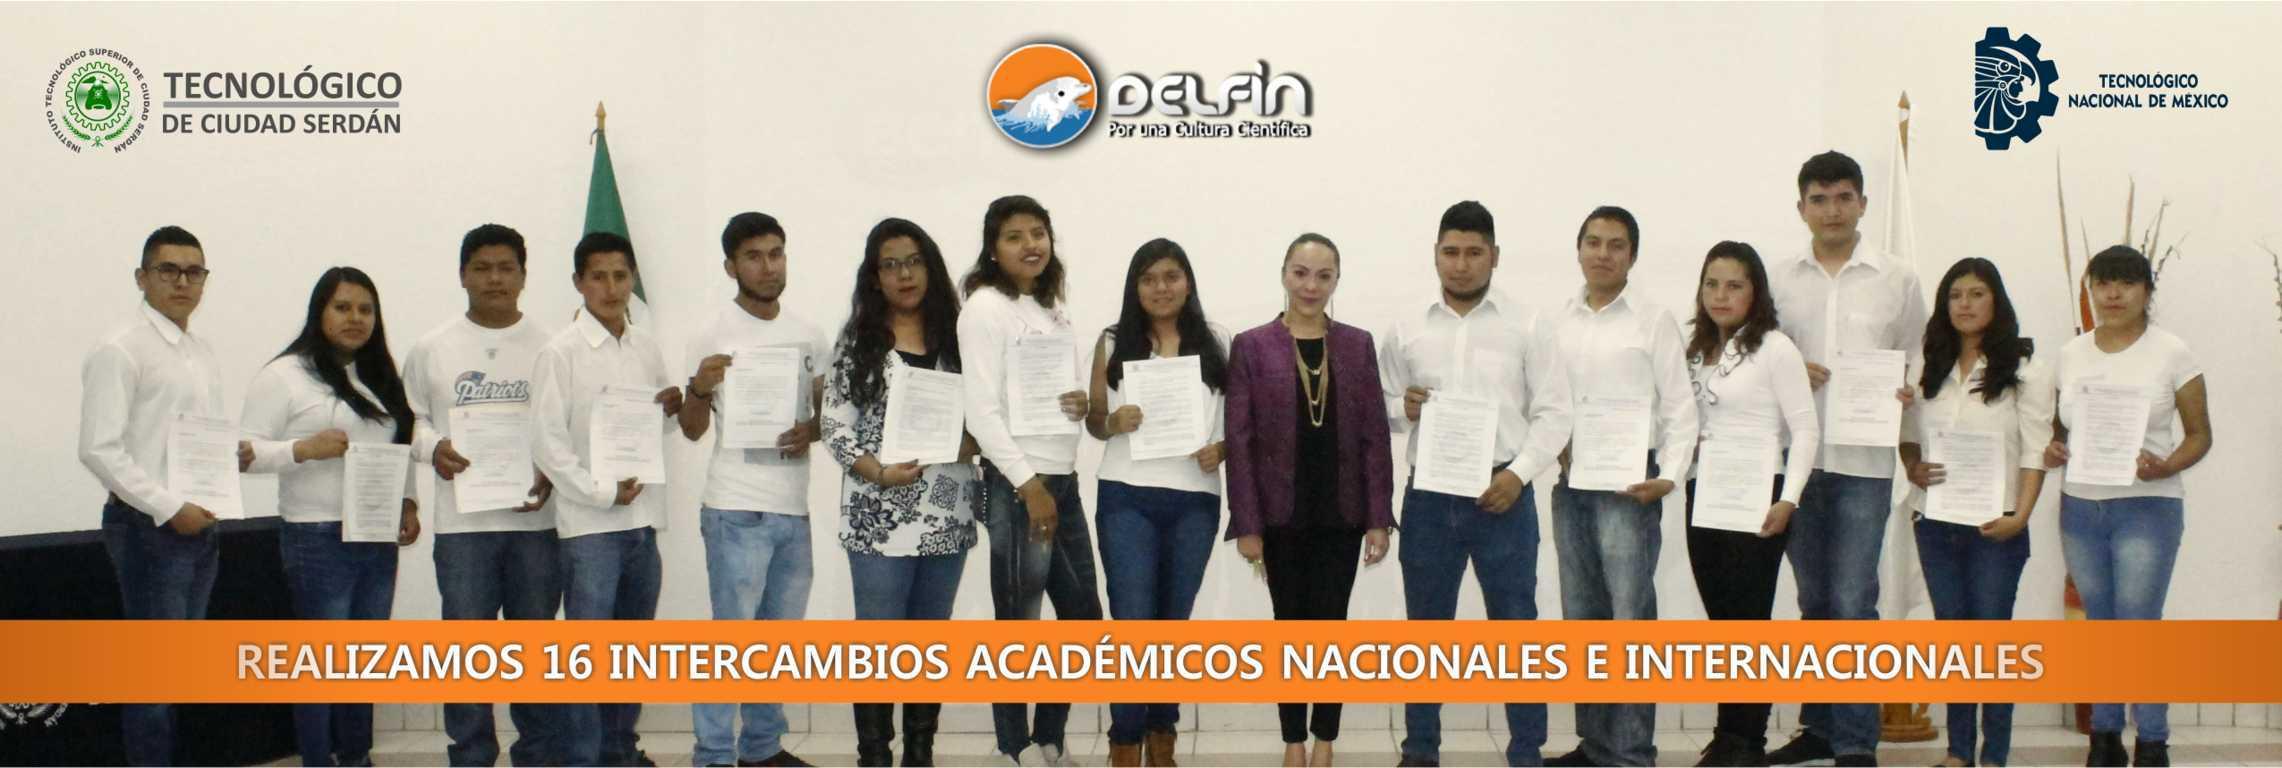 Realizamos 16 Intercambios académicos Nacionales e internacionales (Programa Delfín)